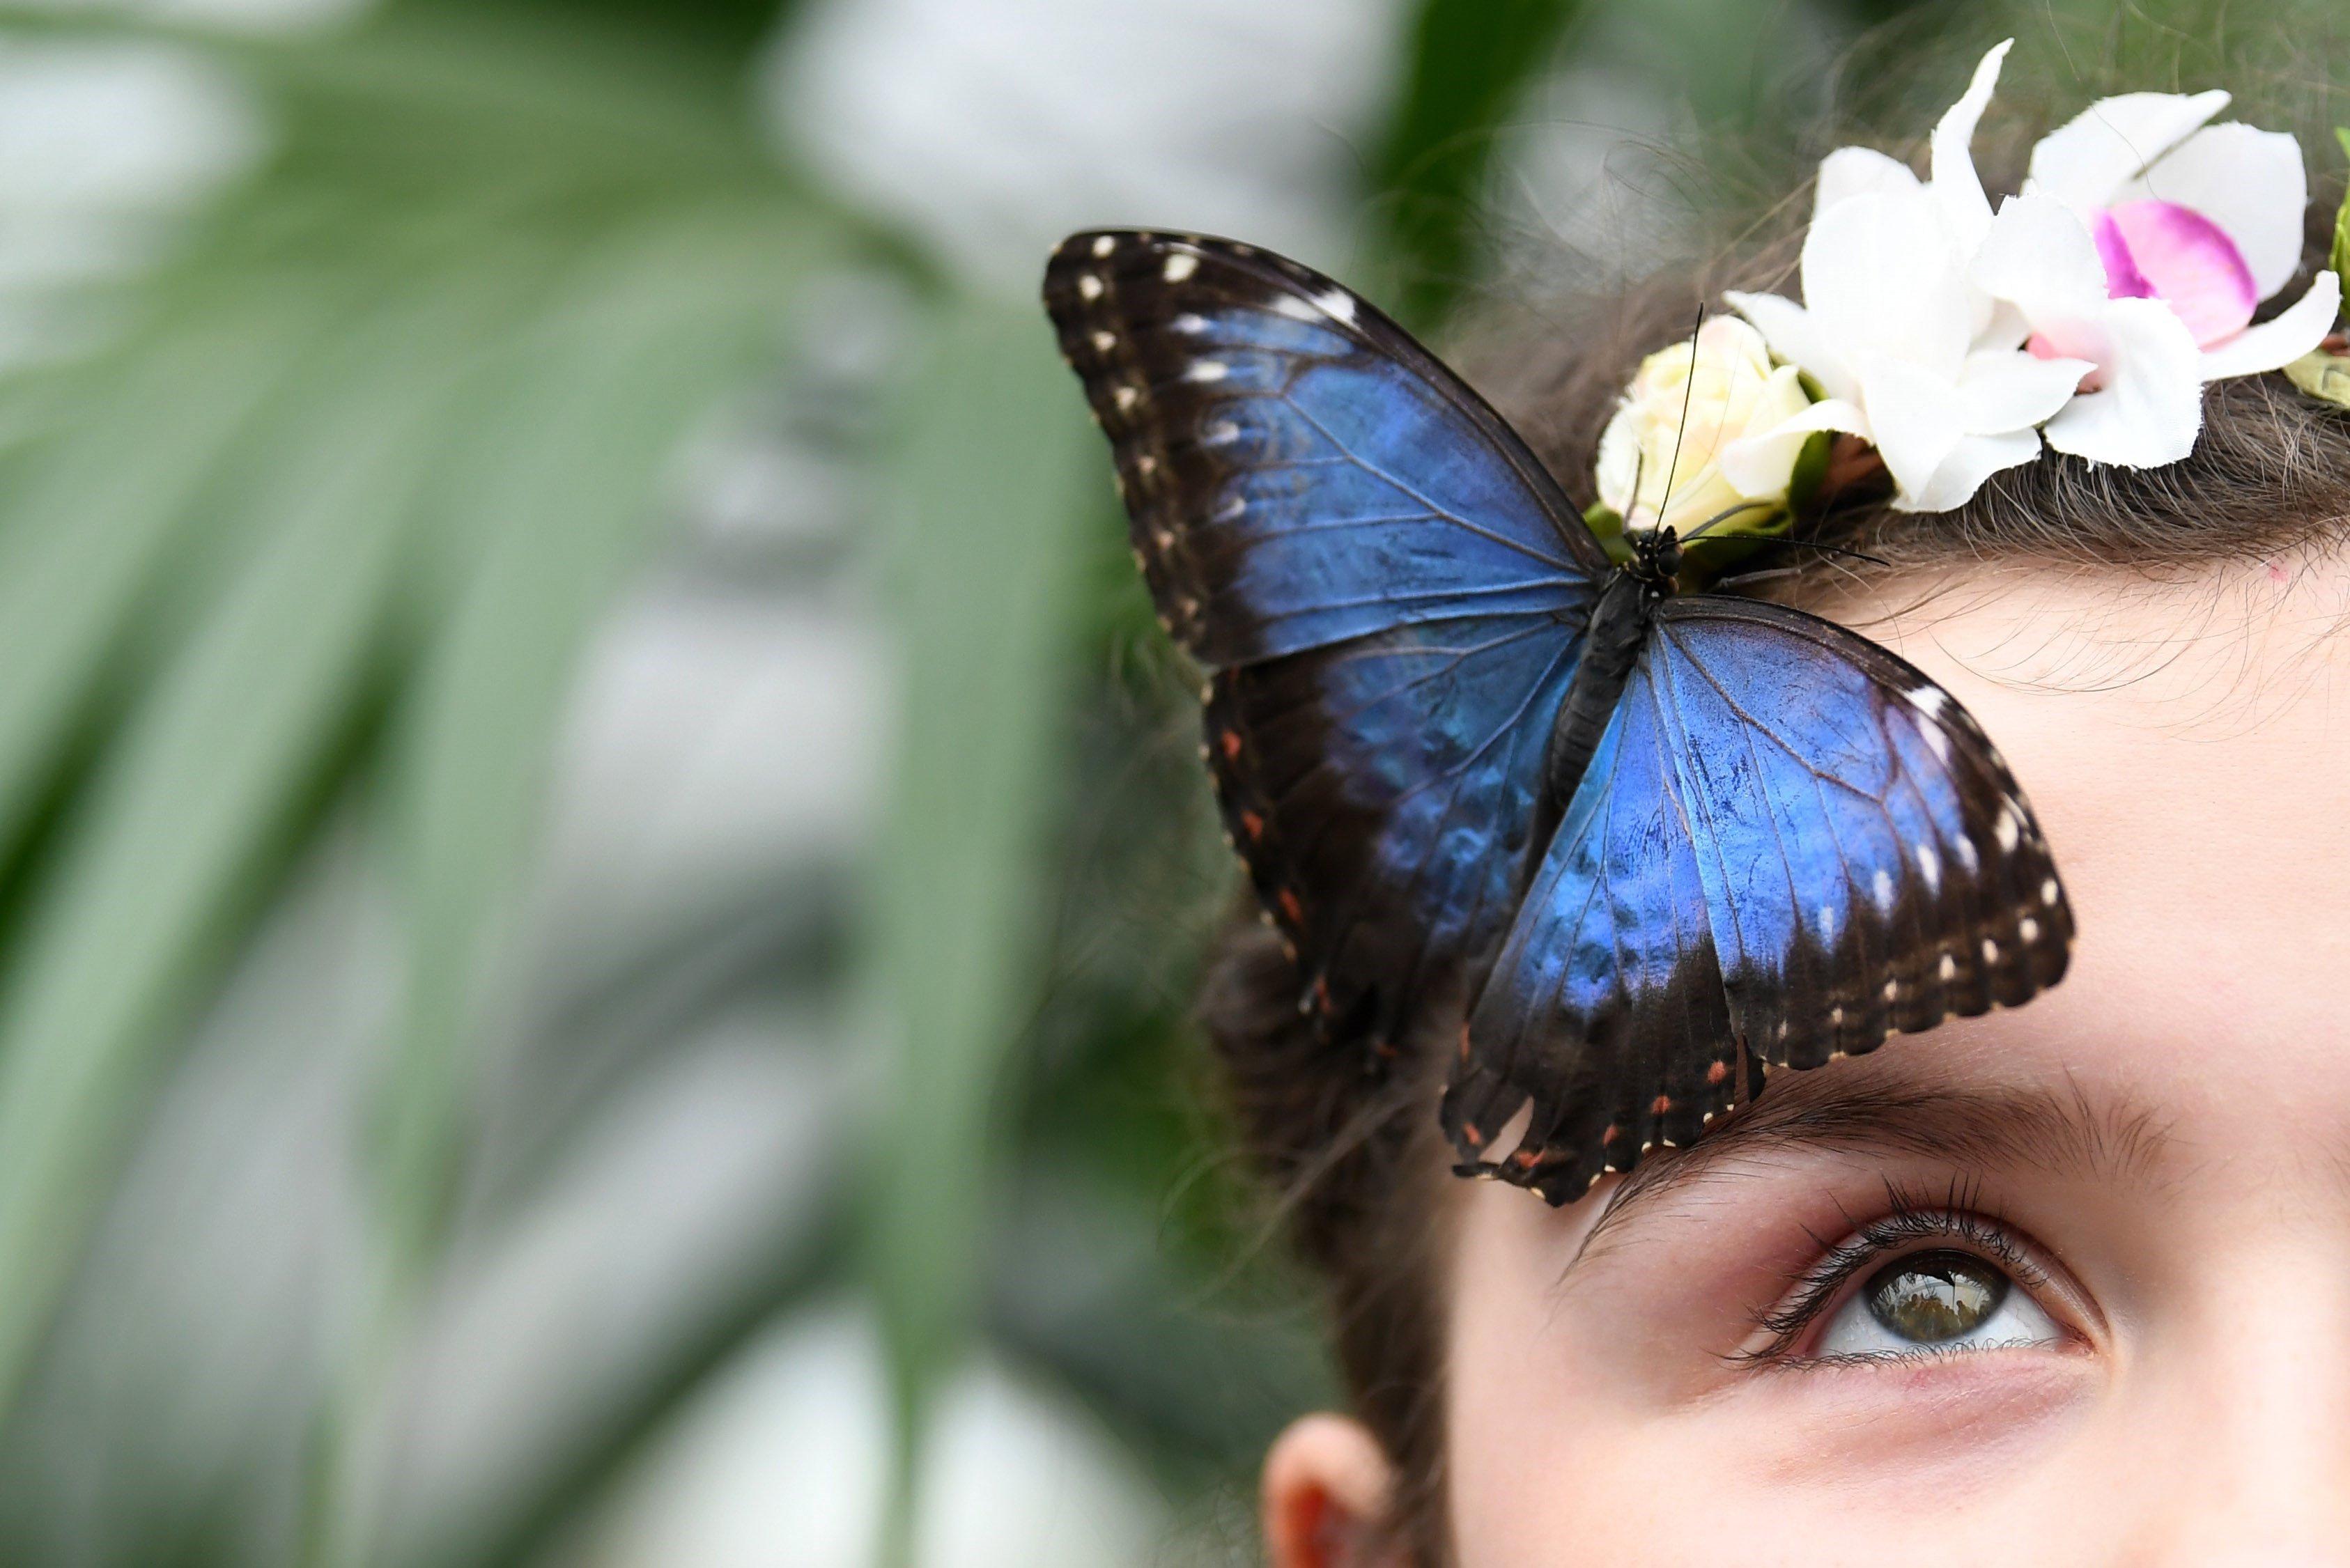 Una papallona reposa sobre el cap de Freja Gordon, de 9 anys, a l'Exposició de Papallones del Museu d'Història Natural de Londres (Regne Unit). /NEIL HALL